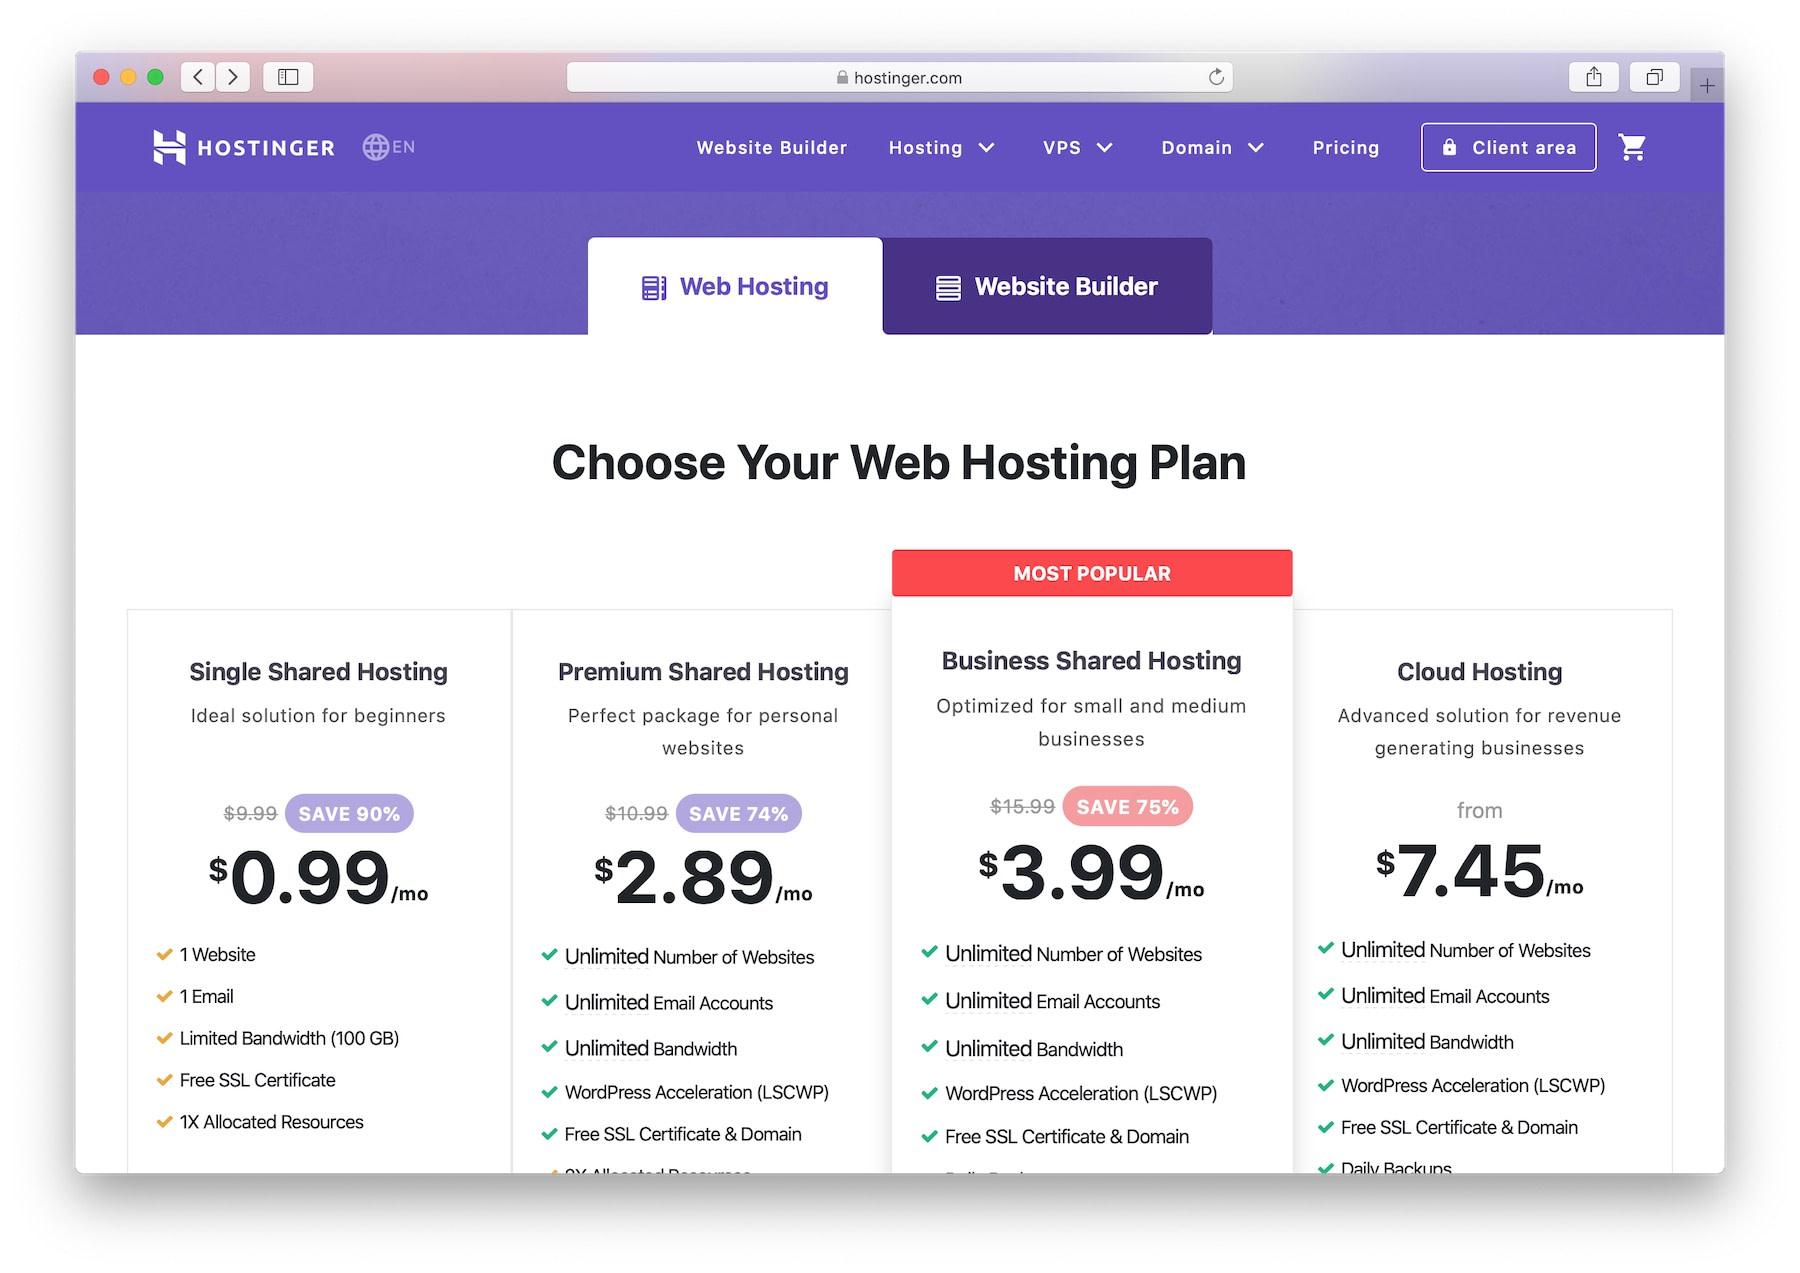 Best web hosting for photographers: hostinger